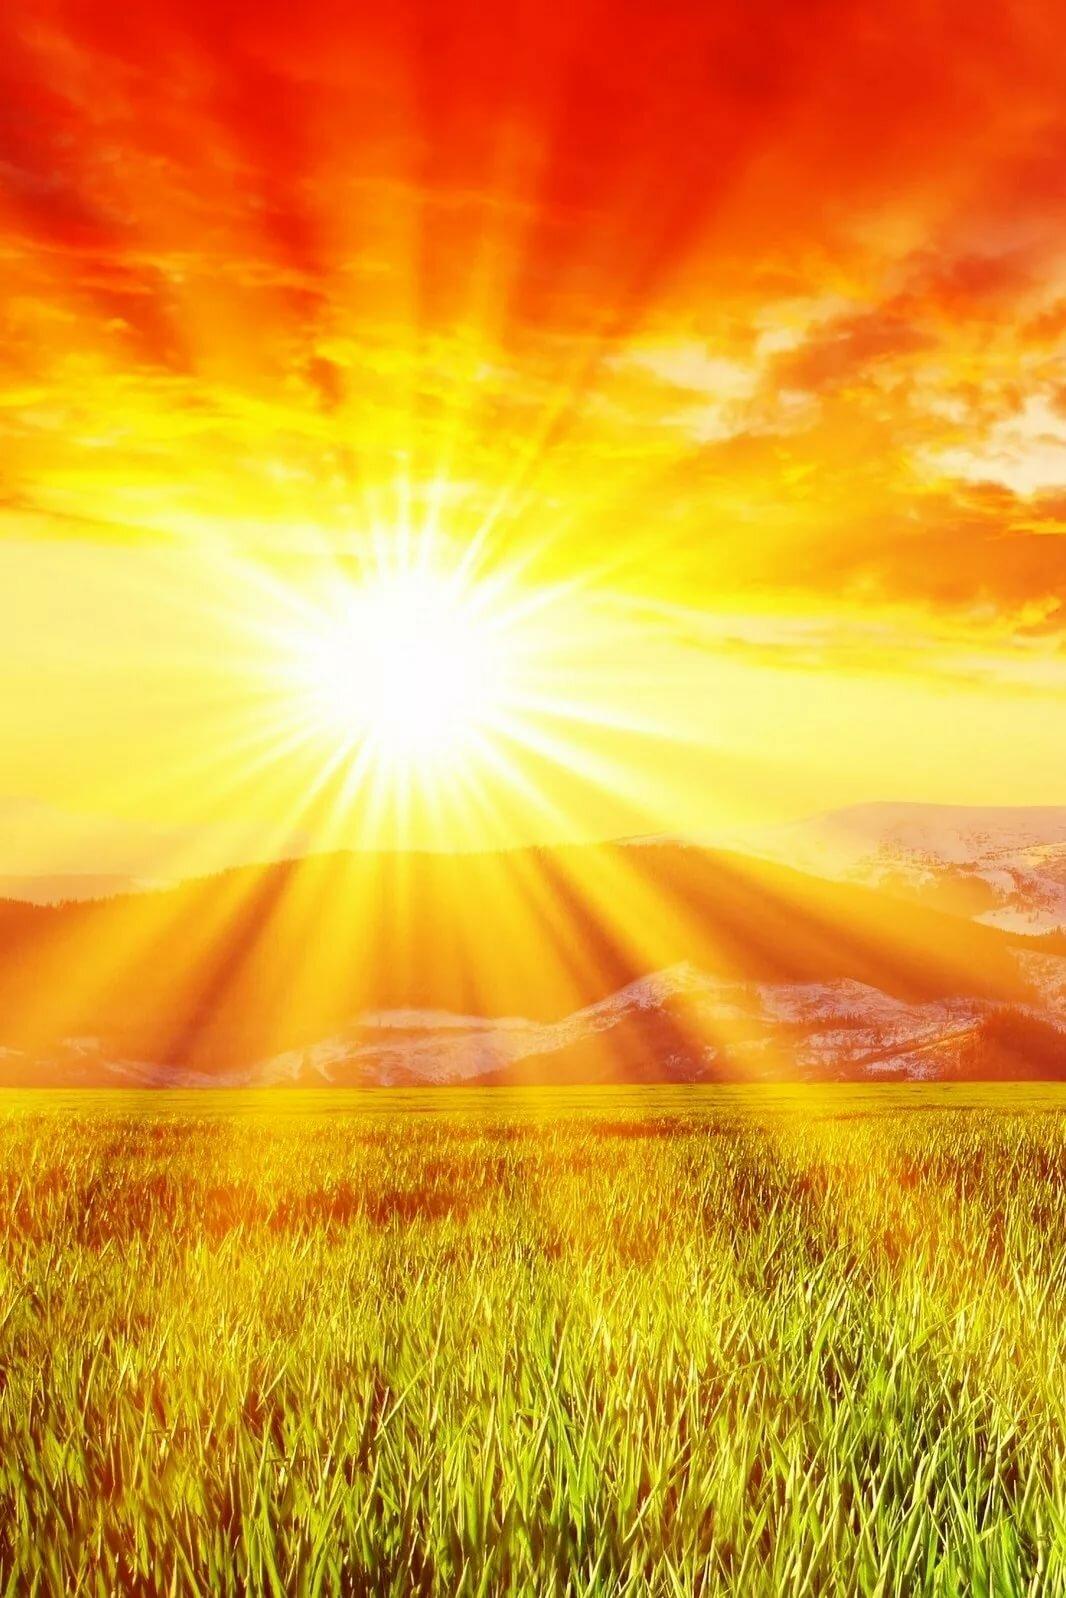 Картинки анимация для презентации природы неба солнца, картинки